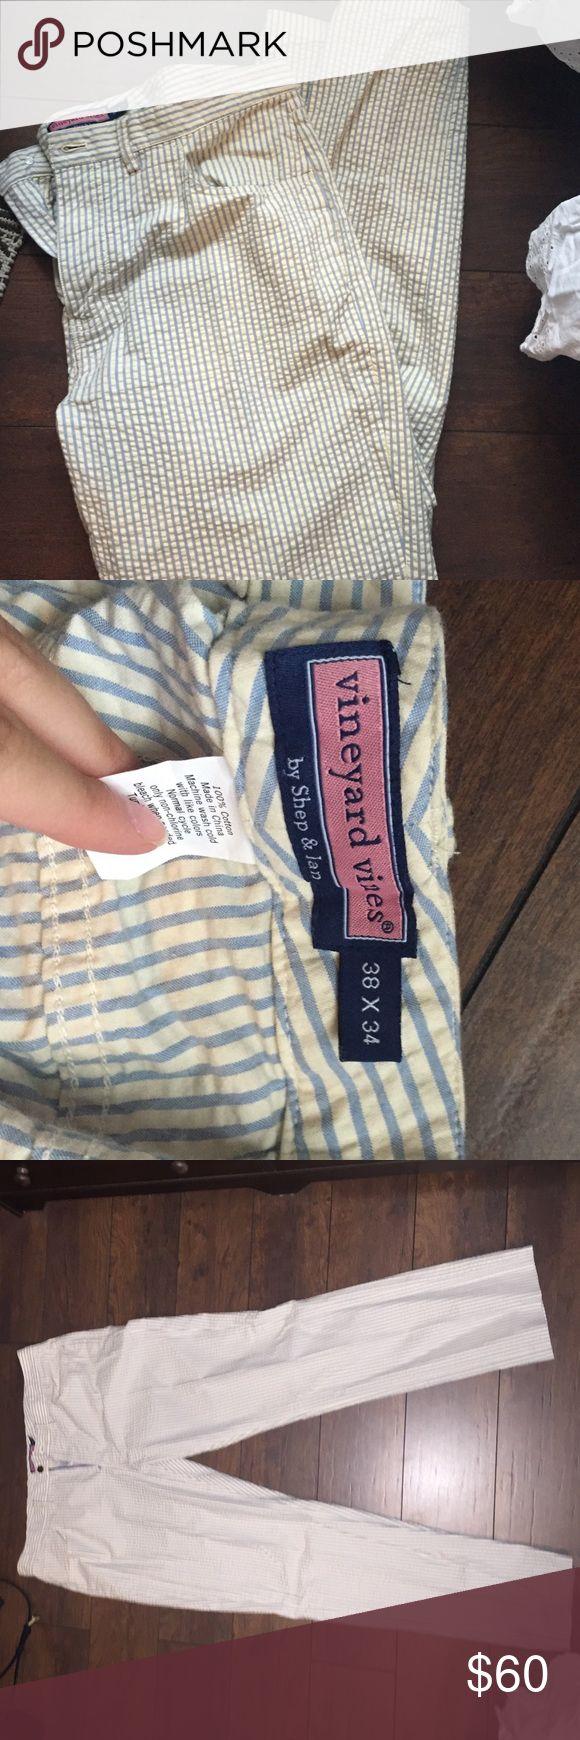 """Vineyard Vines Men's Seersucker Pants Vineyard Vines Men's Seersucker Pants- NWOT- these are the """"five pocket pant"""" 38 X 34 Vineyard Vines Pants Dress"""